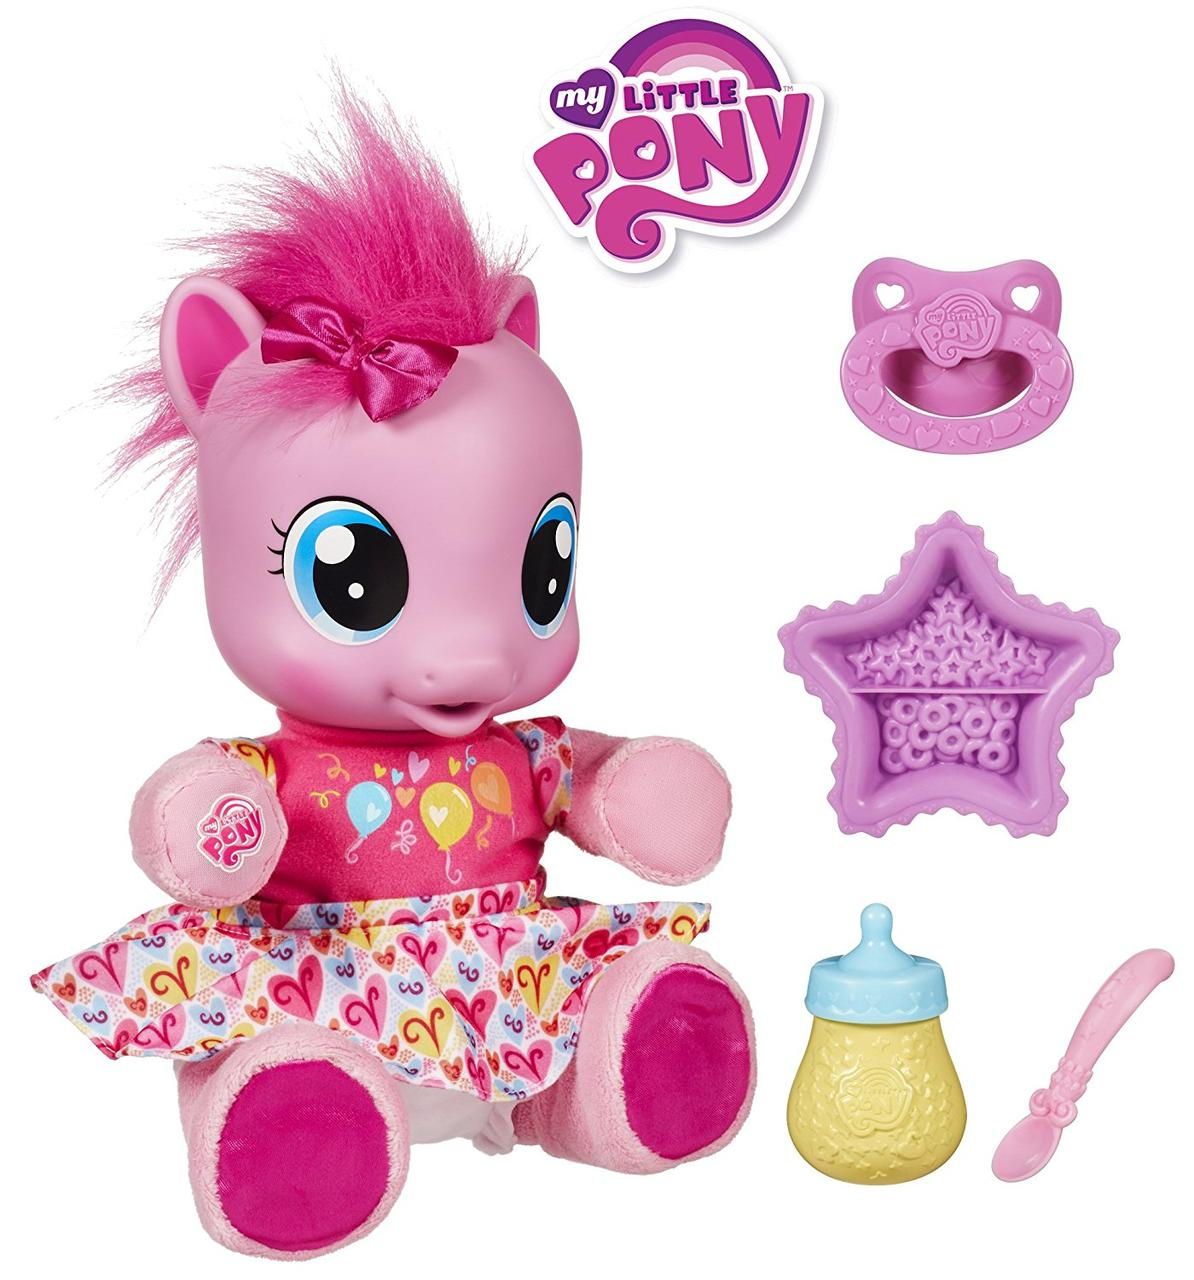 Пони интерактивная малютка Пинки Пай Учимся ходить на русском языке My Little Pony Hasbro 29208